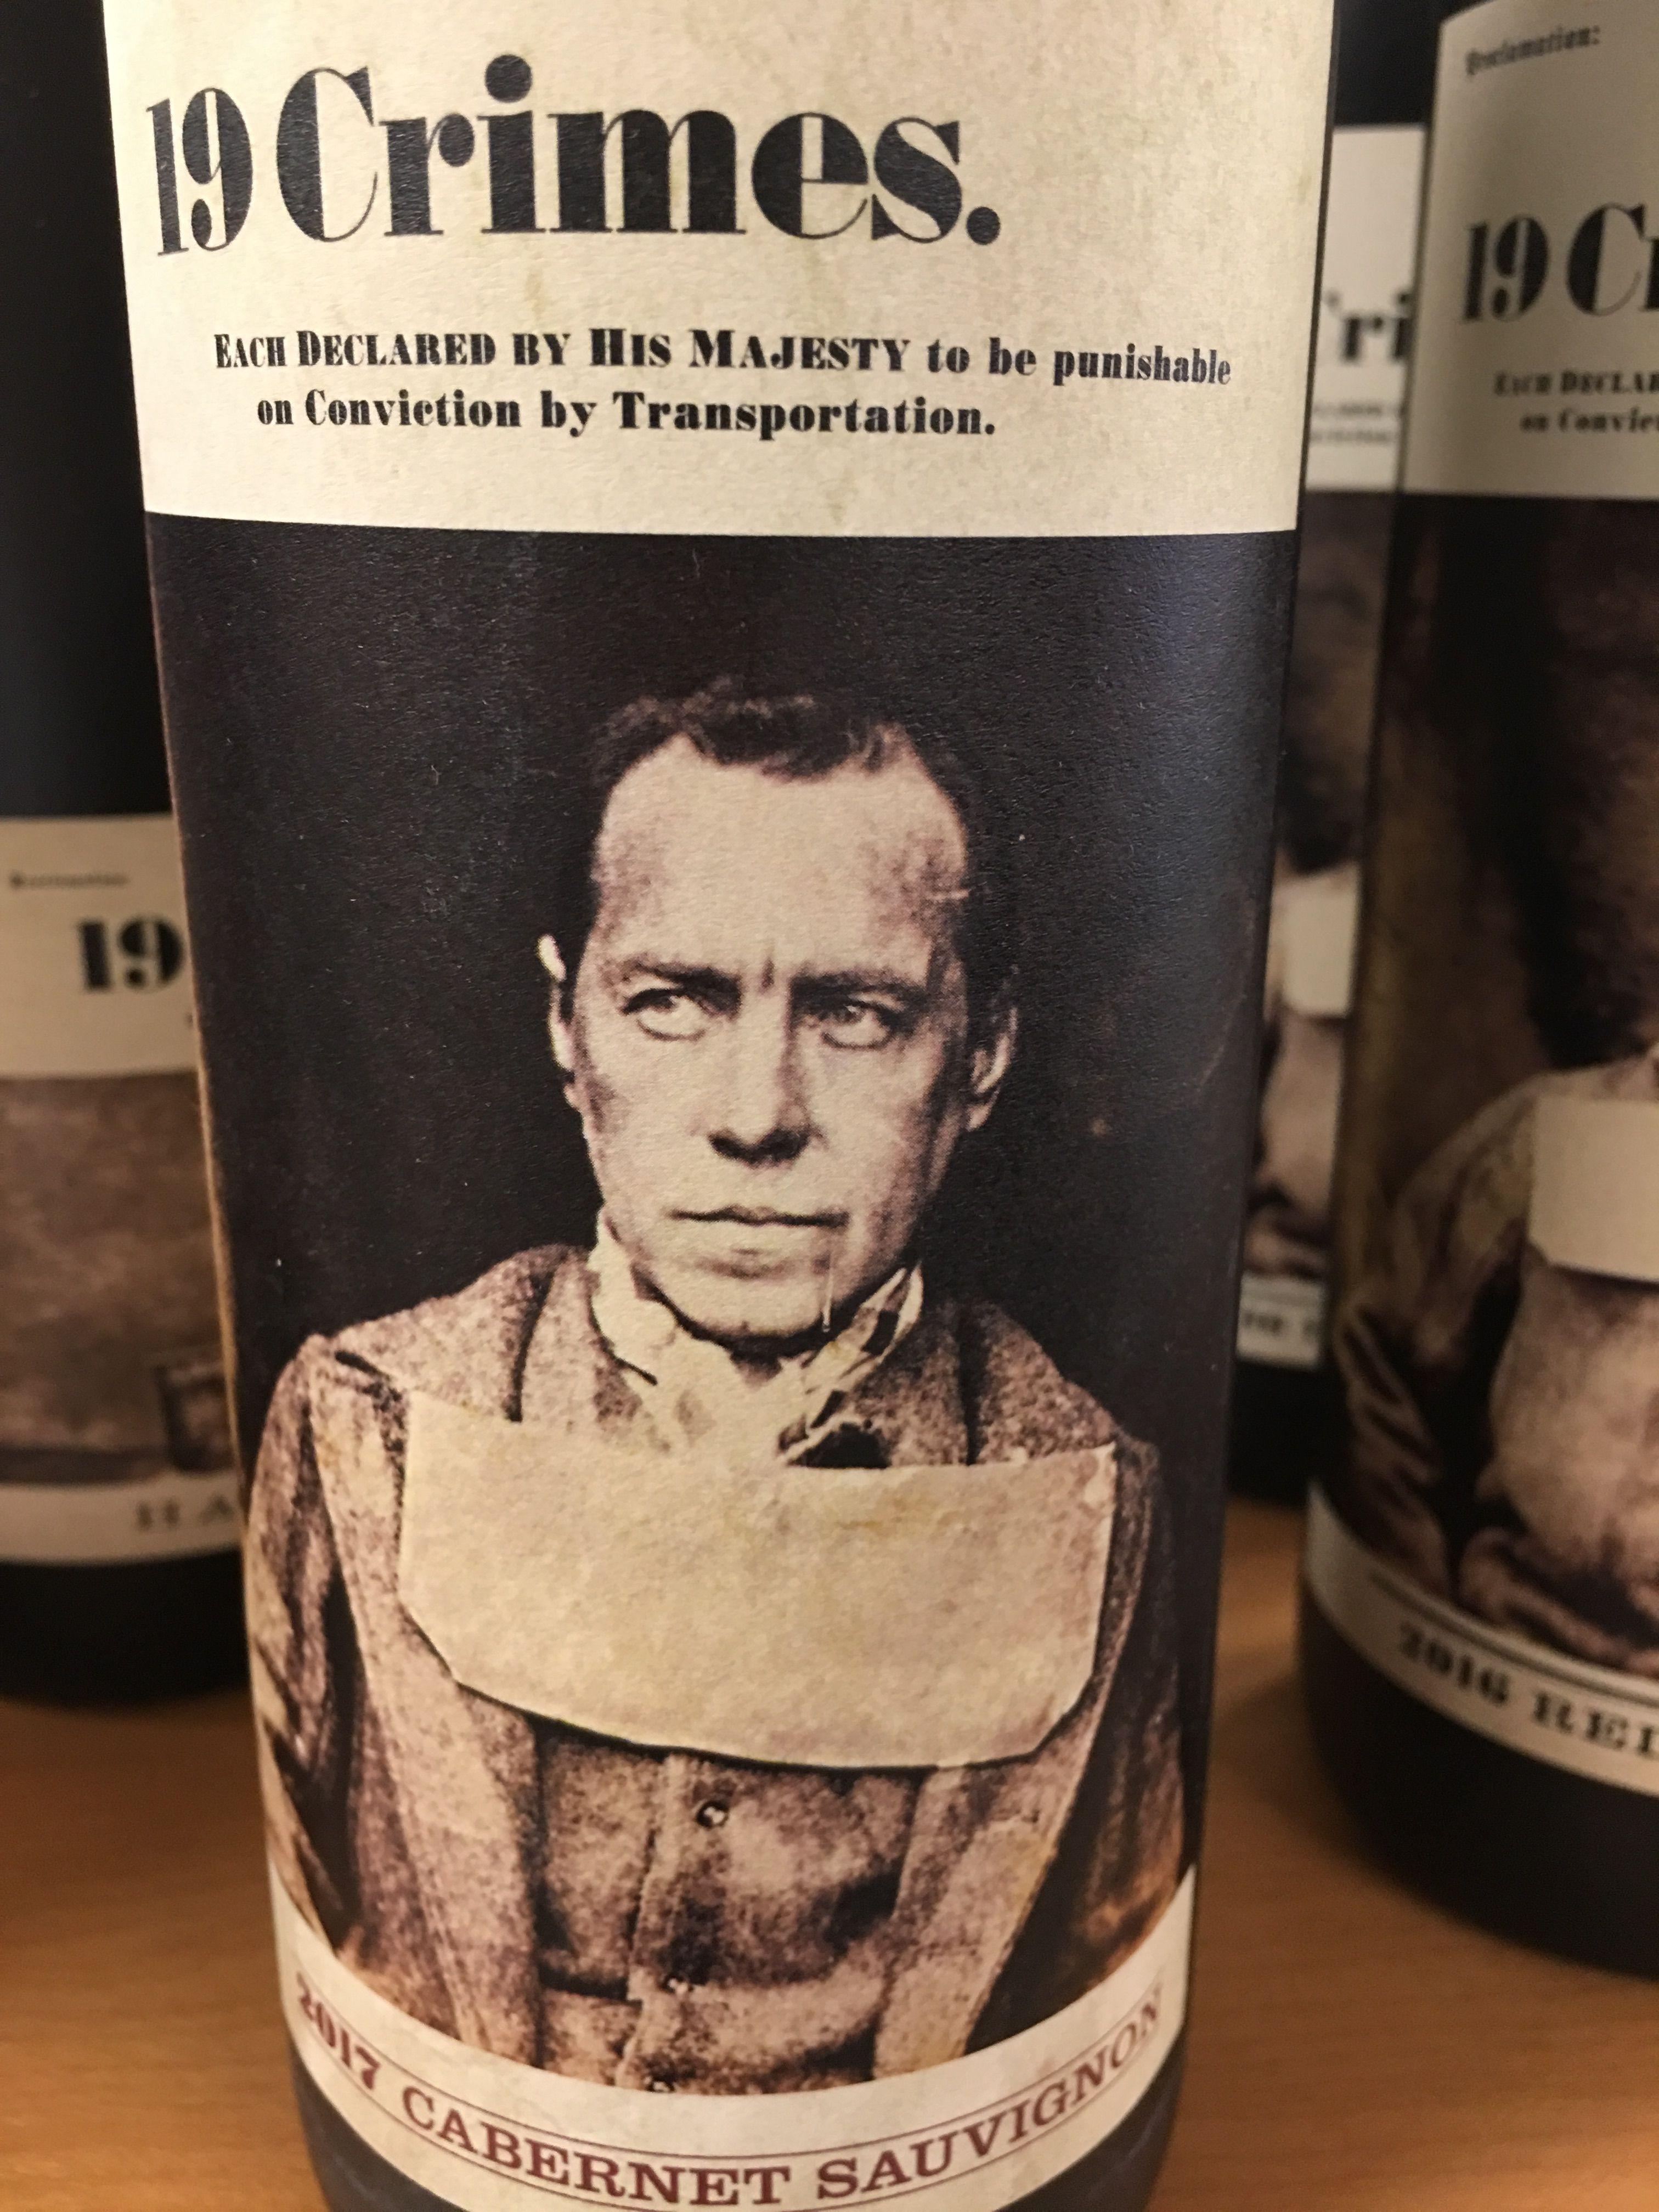 19 Crimes wine sauvignon, Sauvignon